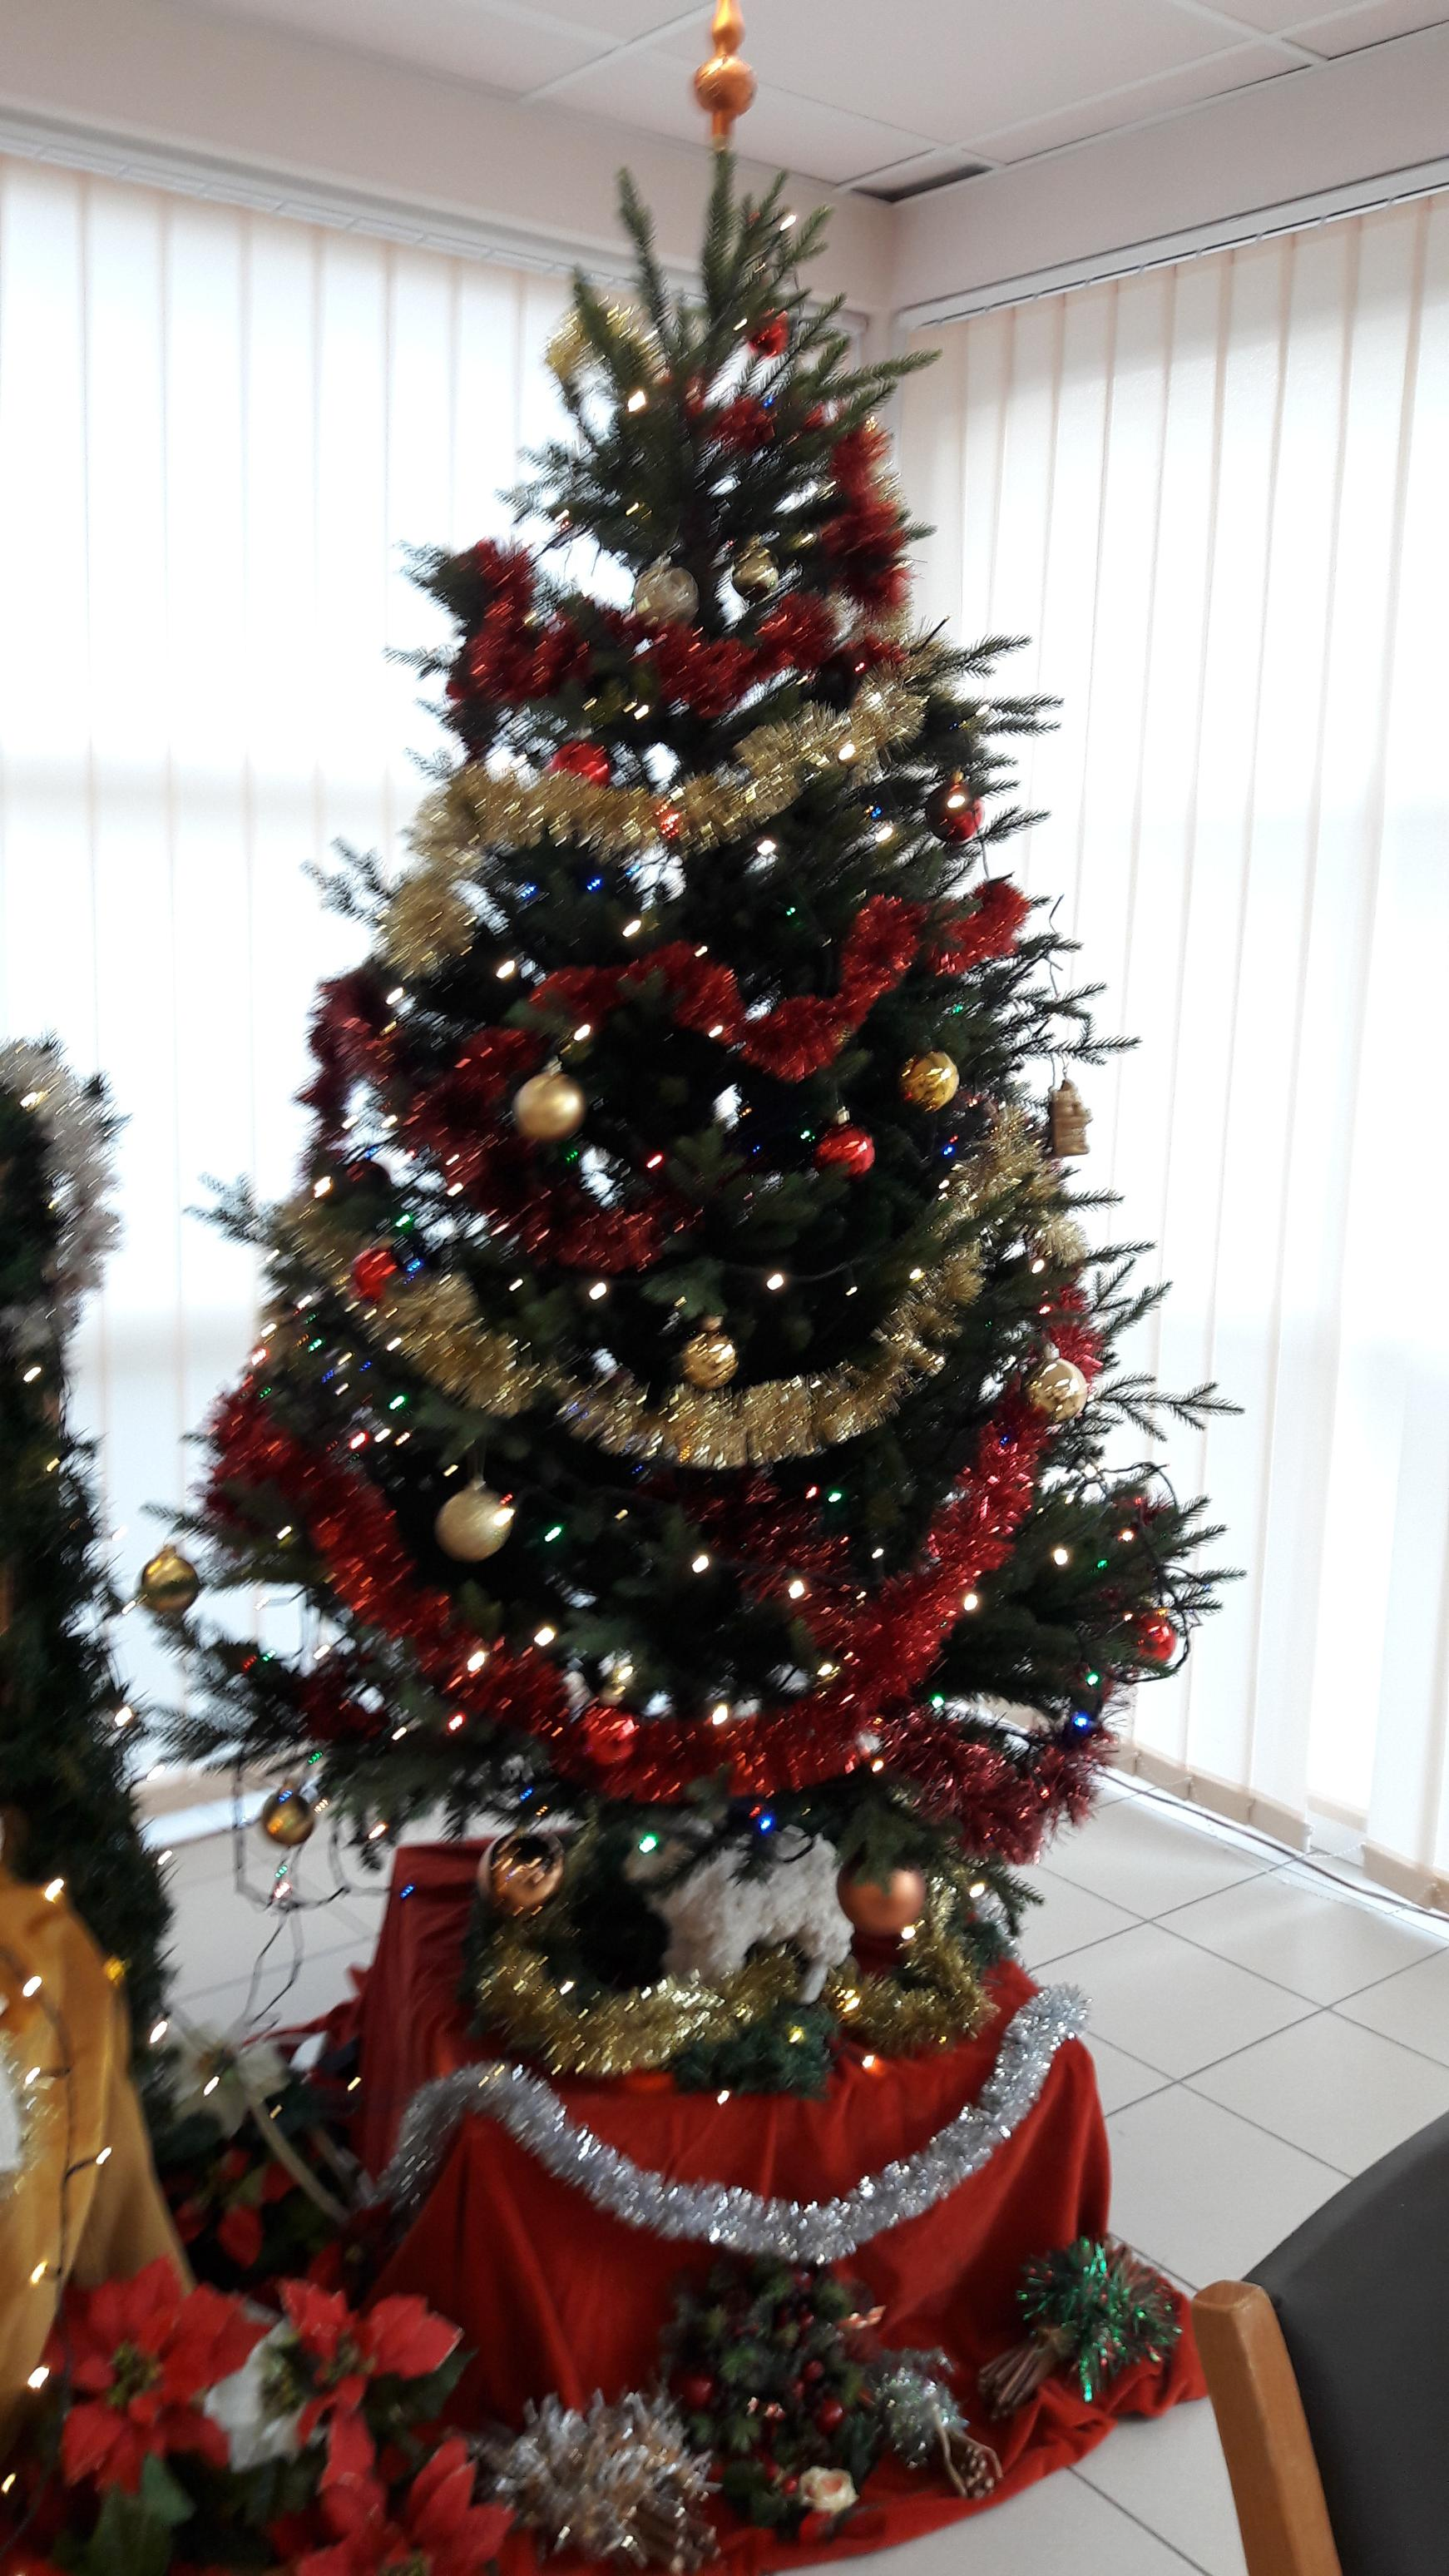 Marché de Noël (18/12/18)